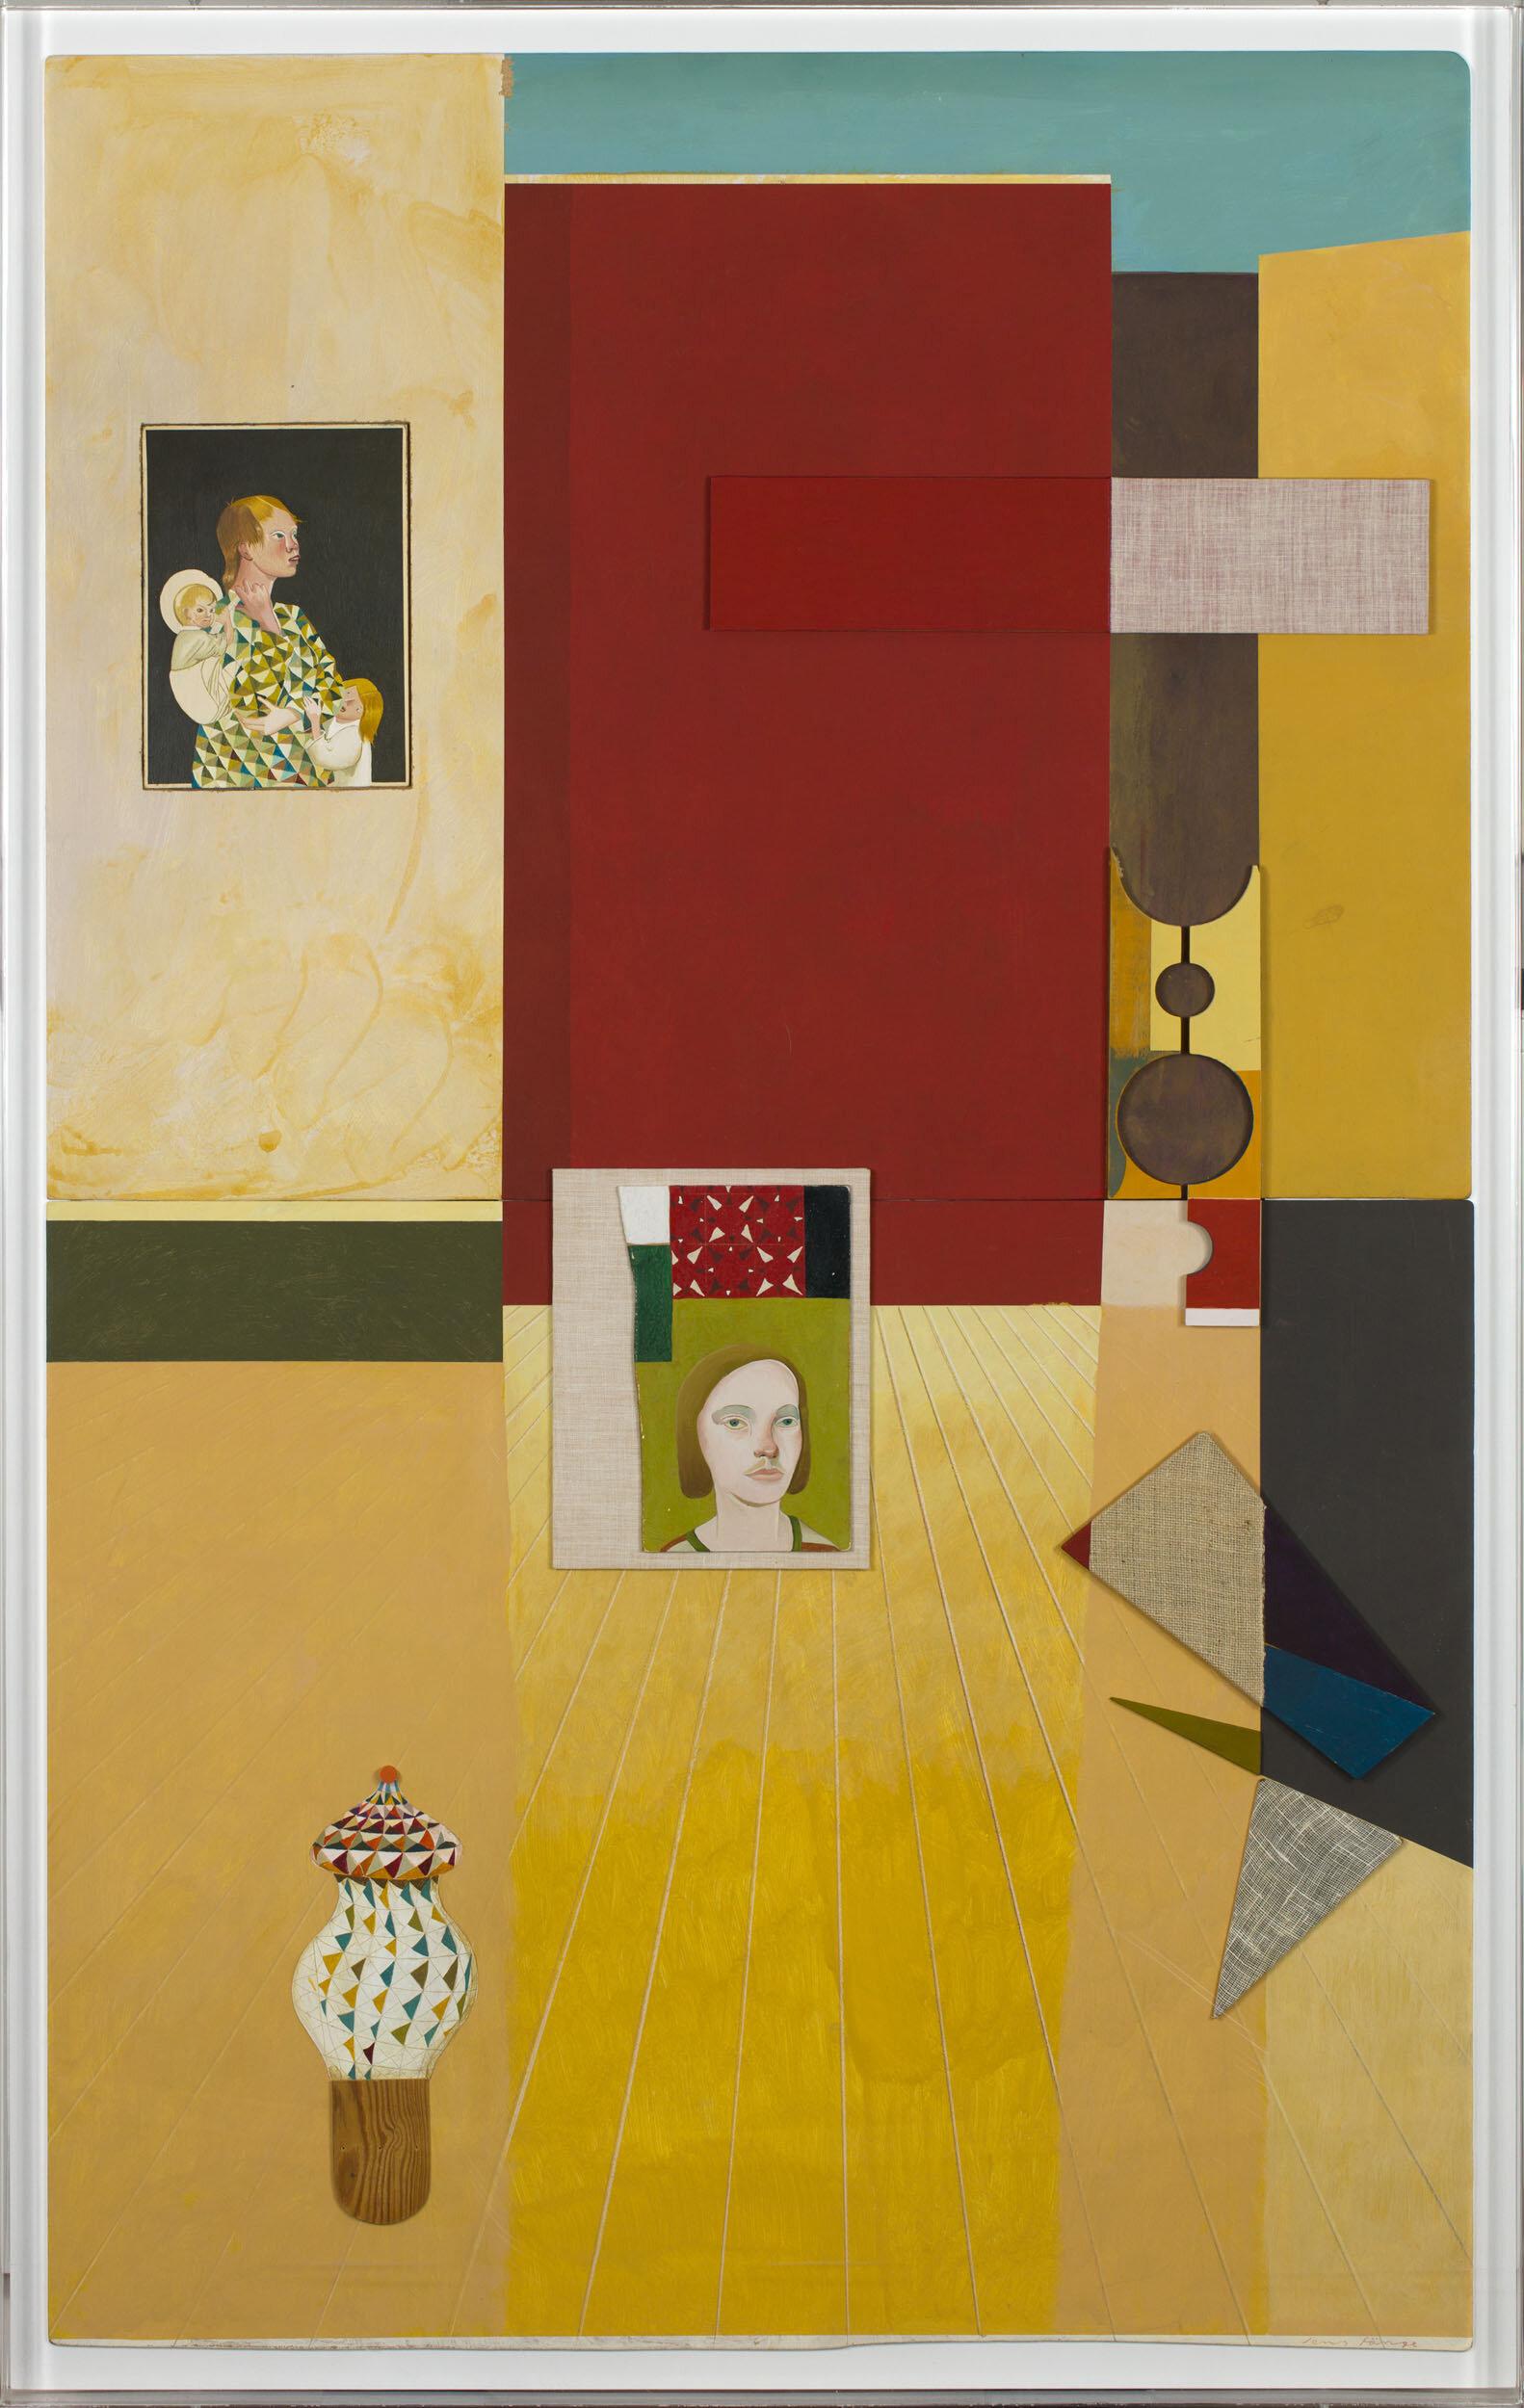 Jens Fänge   Liten pjäs för fyra  2013 Signerad och daterad  Assemblage, olja, vinyl, textil  och trä på pannå 144 x 92 x 5,5 cm